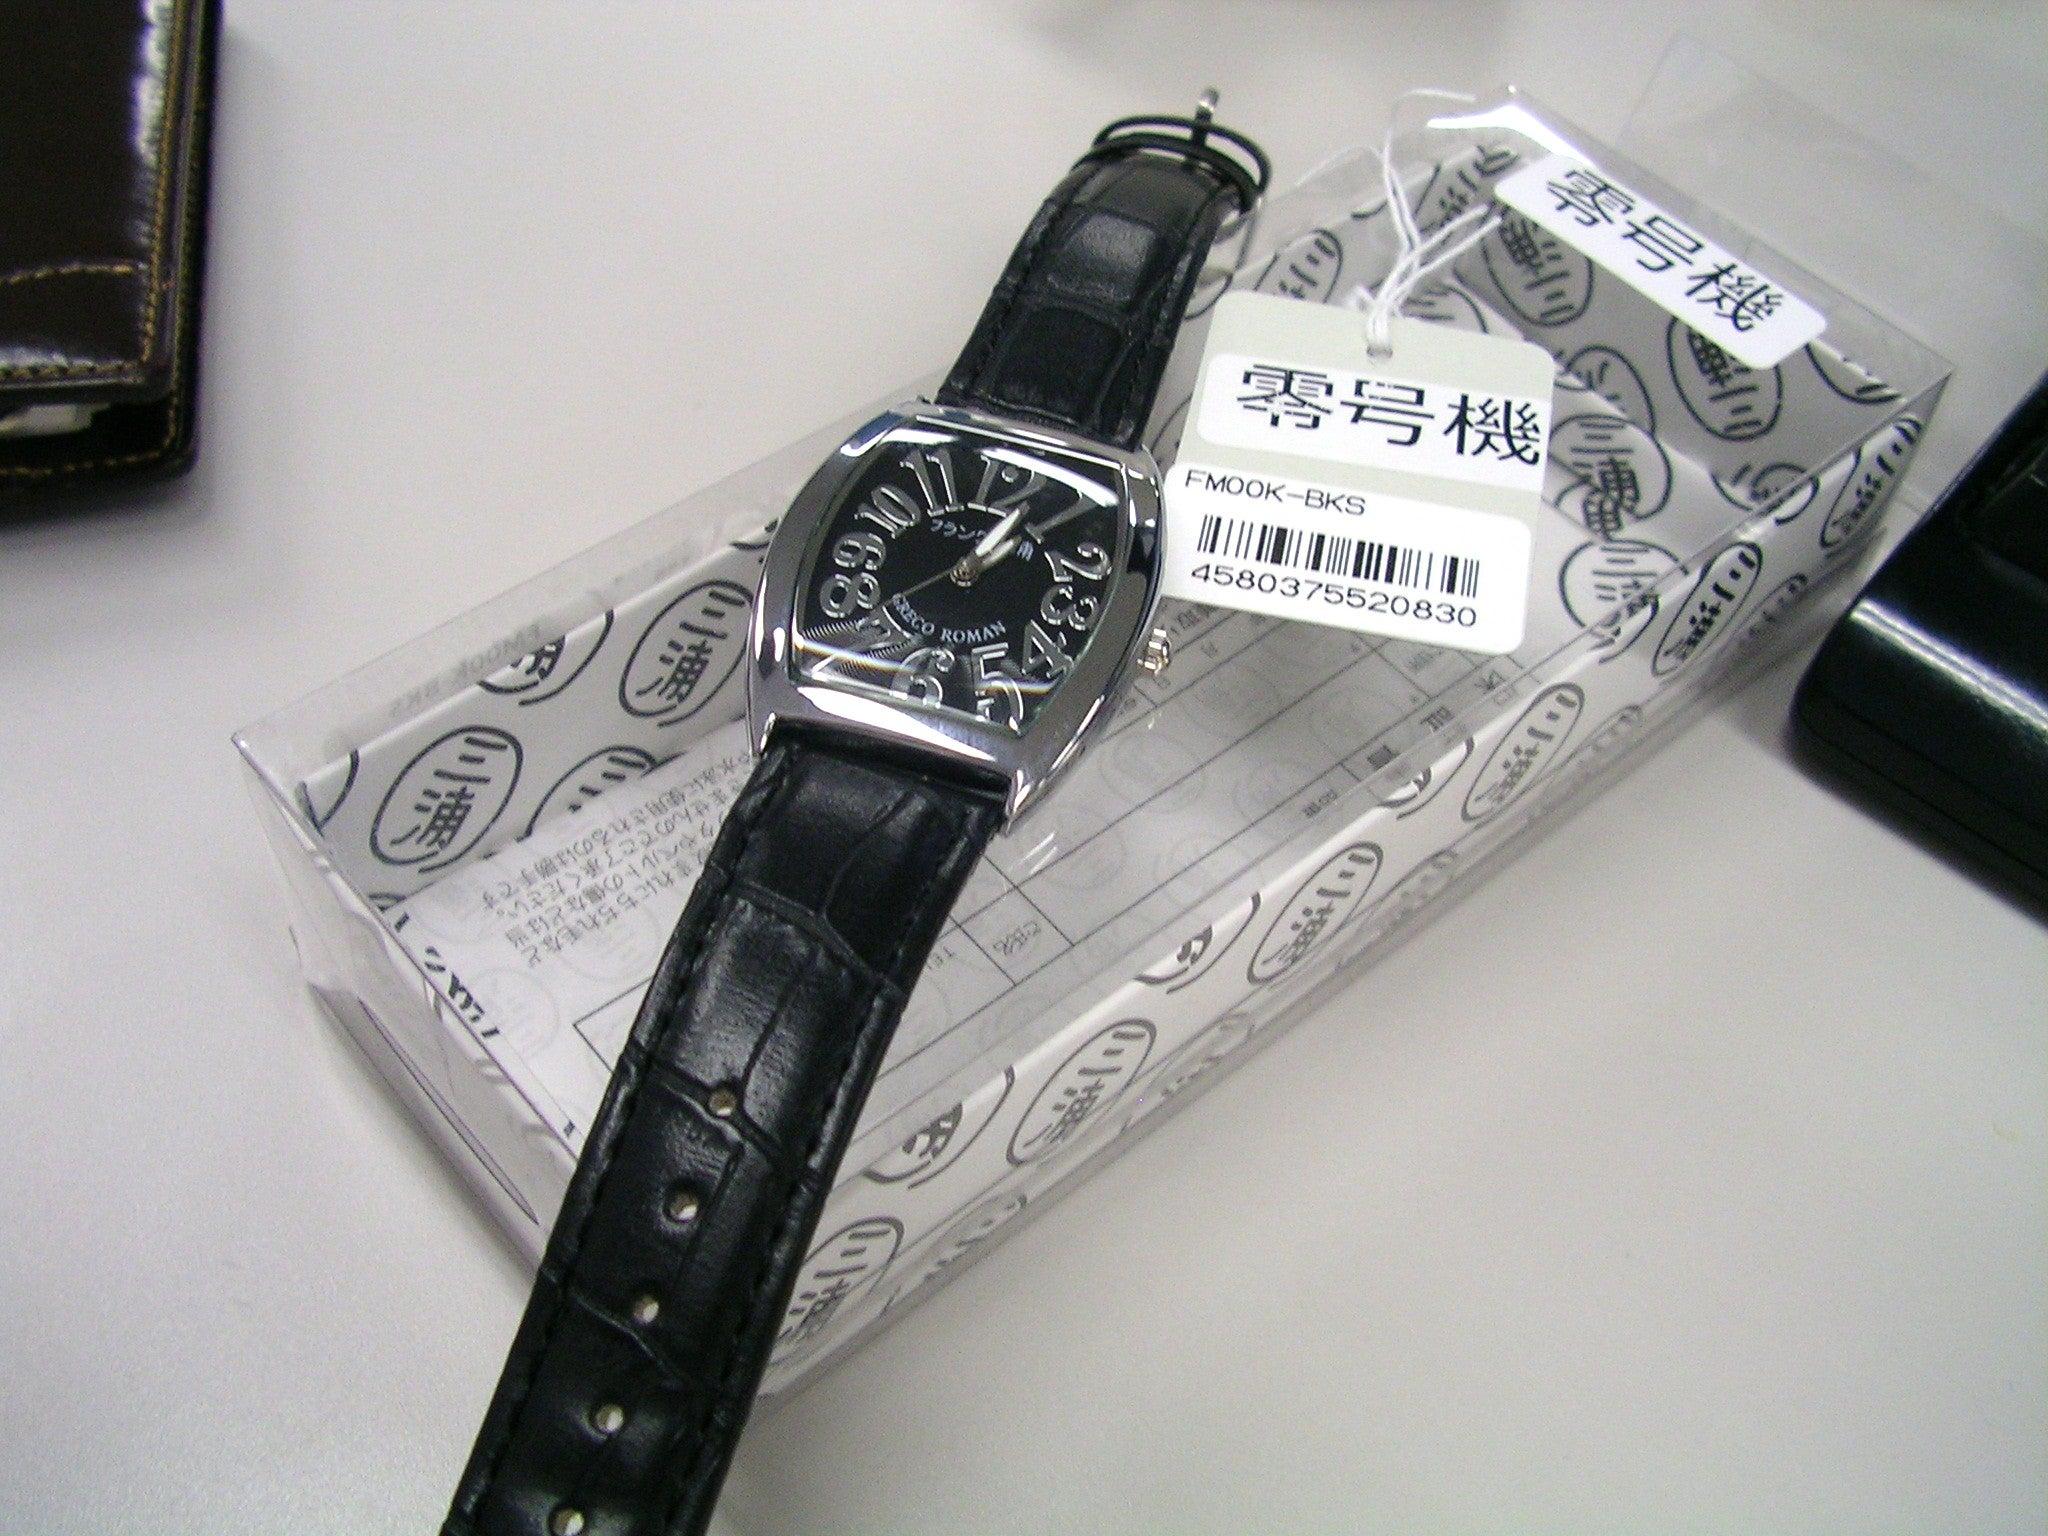 珍人気腕時計フランク三浦が   -